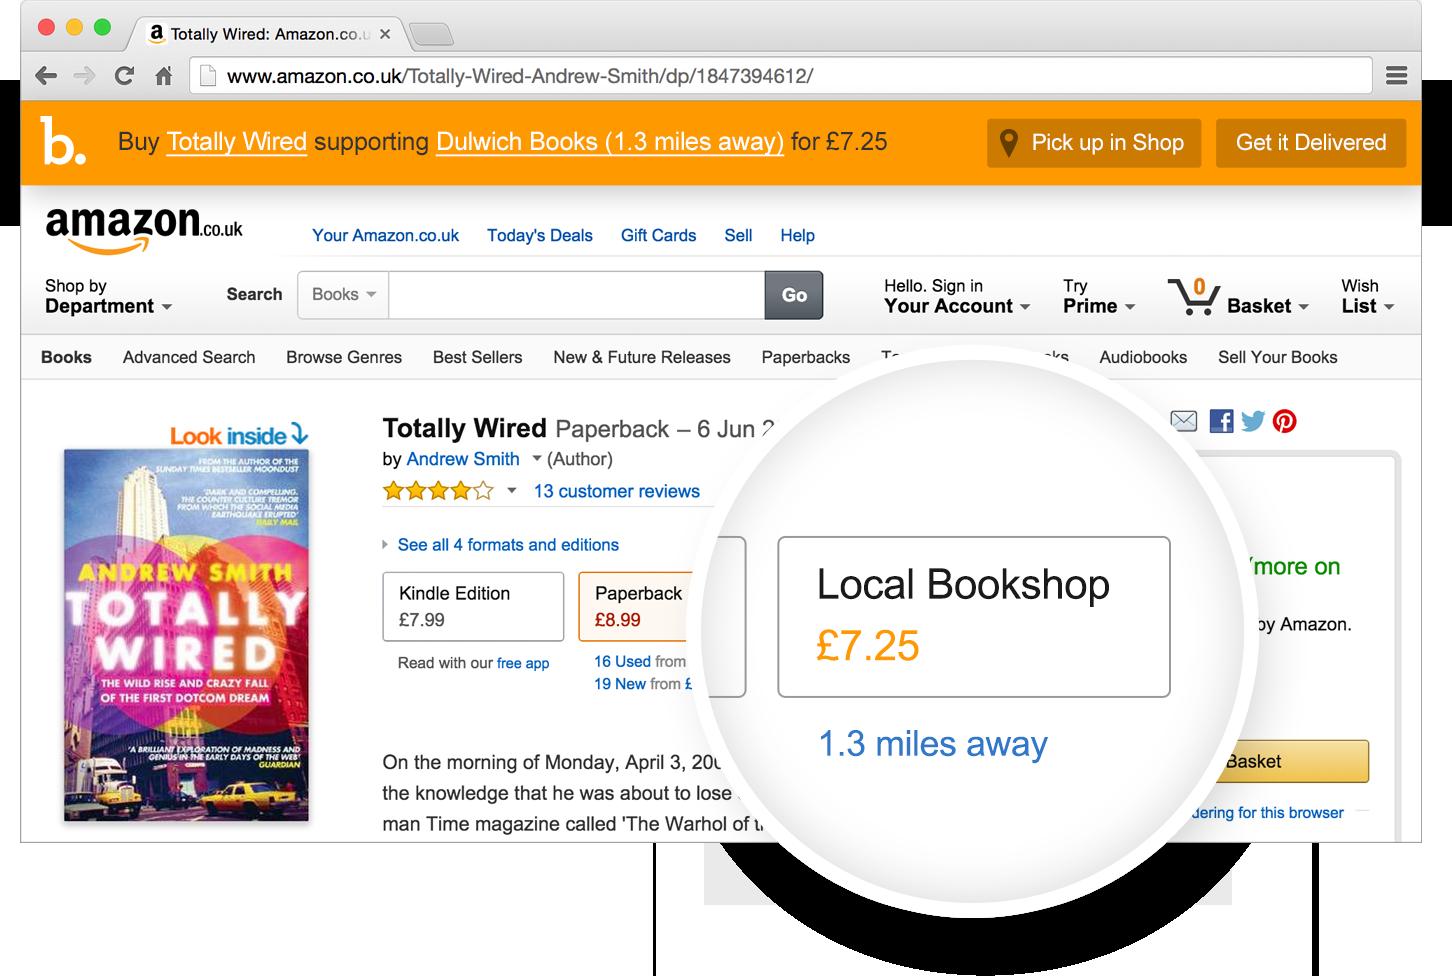 Descubre Bookindy, una aplicación que aprovecha el éxito de Amazon para apoyar a las librerías locales